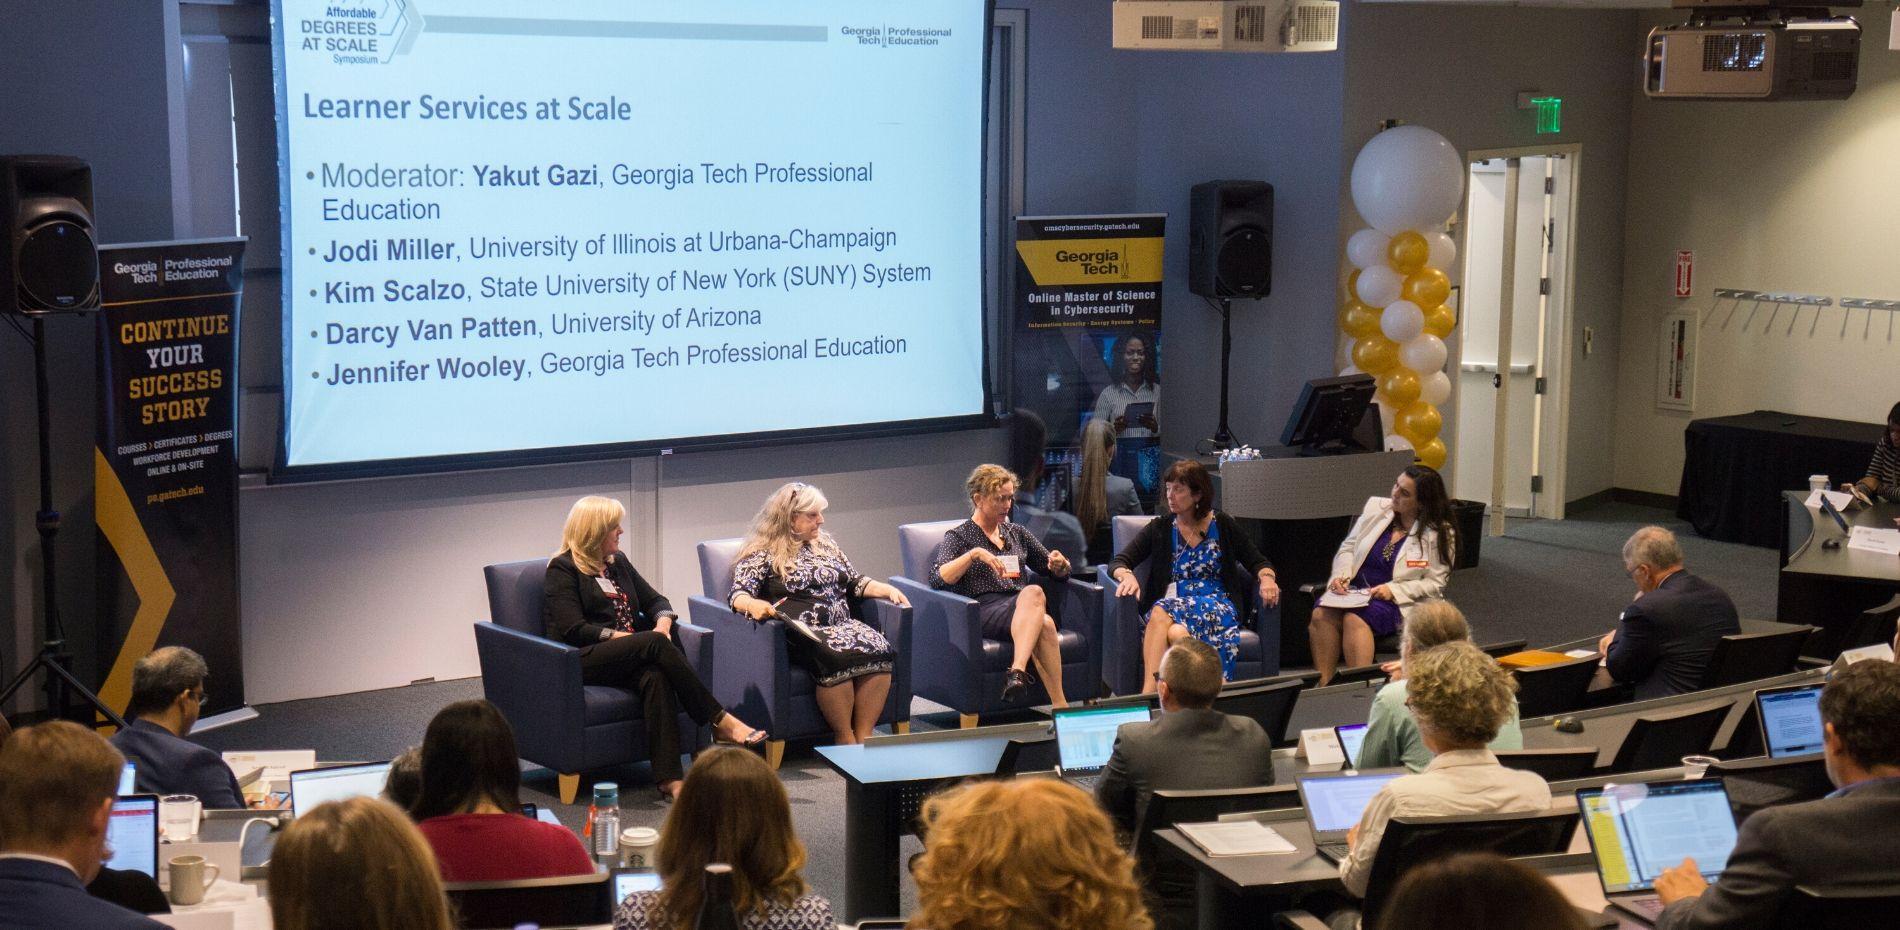 """Yakut Gazimoderates """"Learner Services at Scale"""" panel featuring Jodi Miller (University Illinois at Urbana-Champaign), Kim Scalzo (SUNY), Darcy Van Patten (University of Arizona), and Jennifer Wooley (GTPE)."""